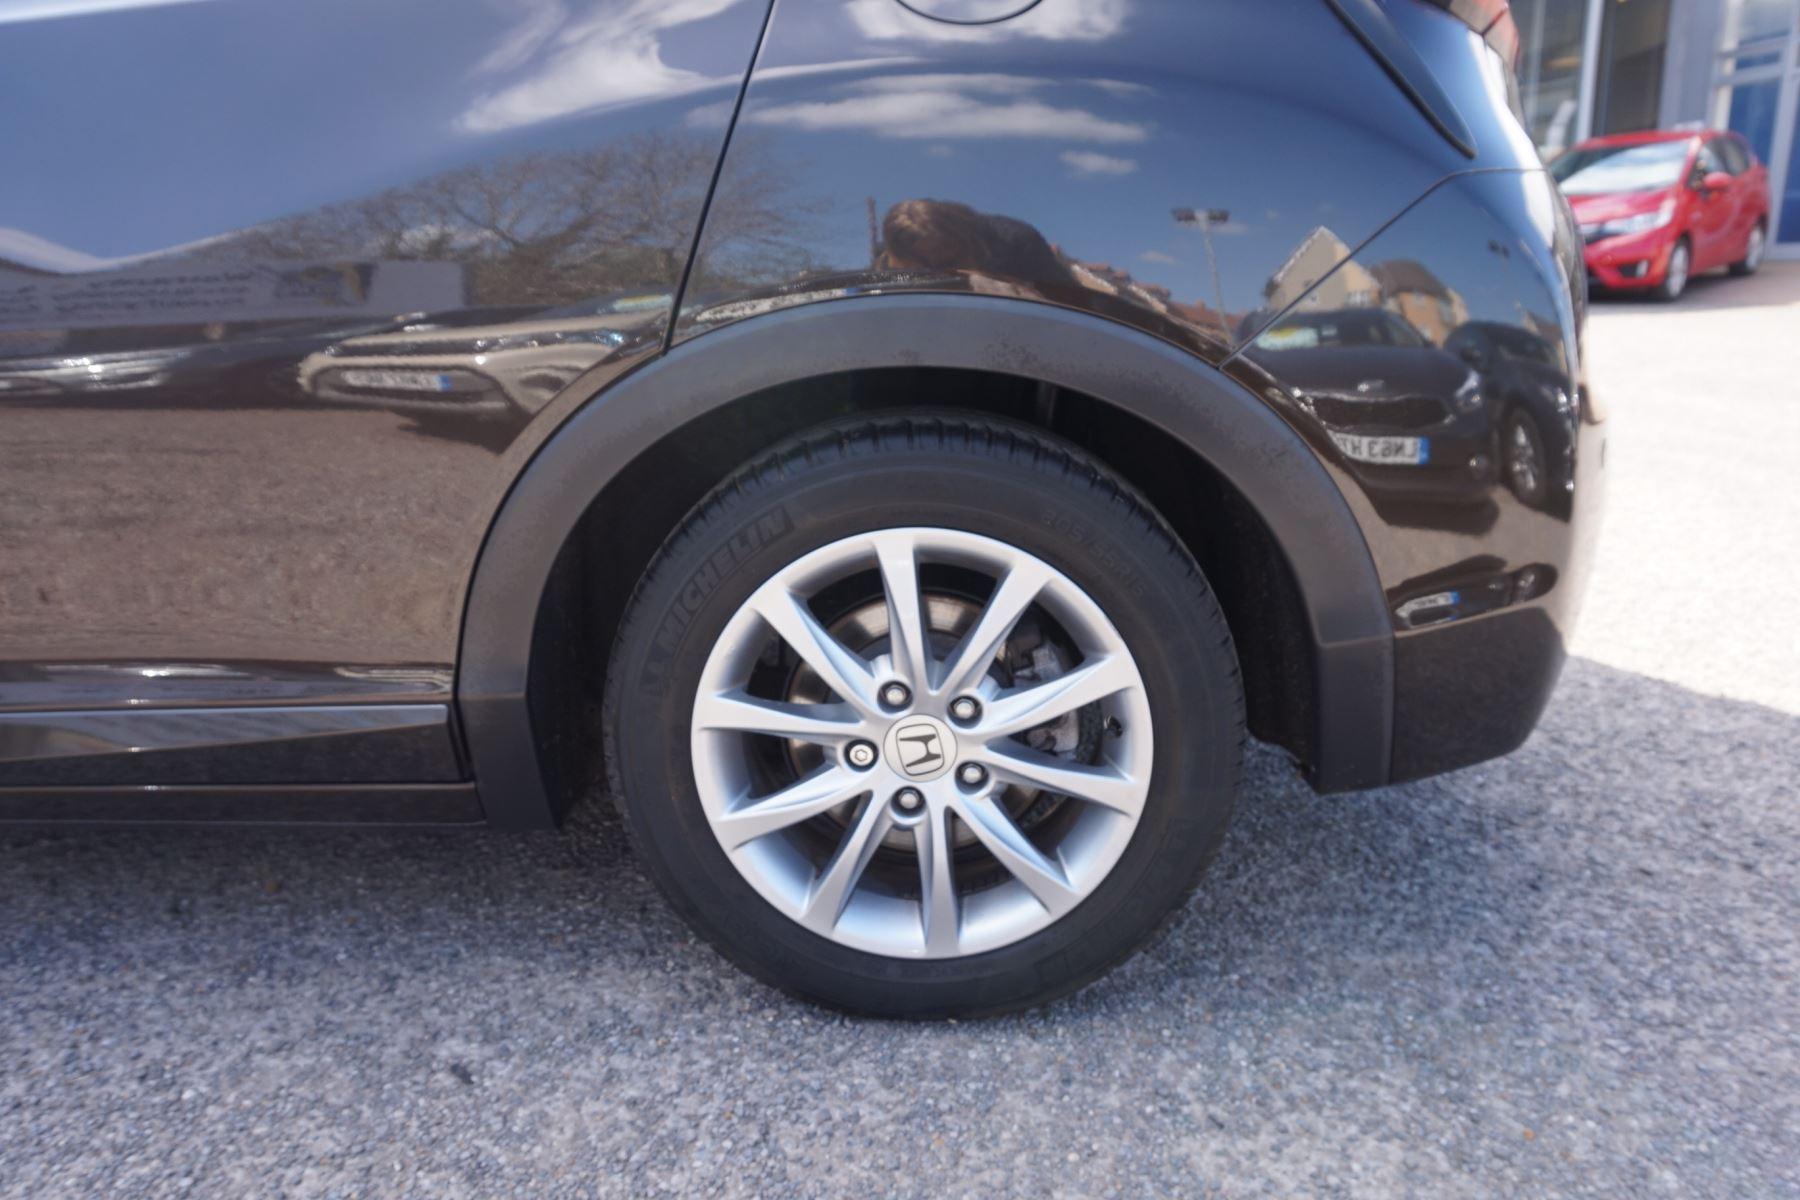 Honda Civic 1.6 i-DTEC SR 5dr image 6